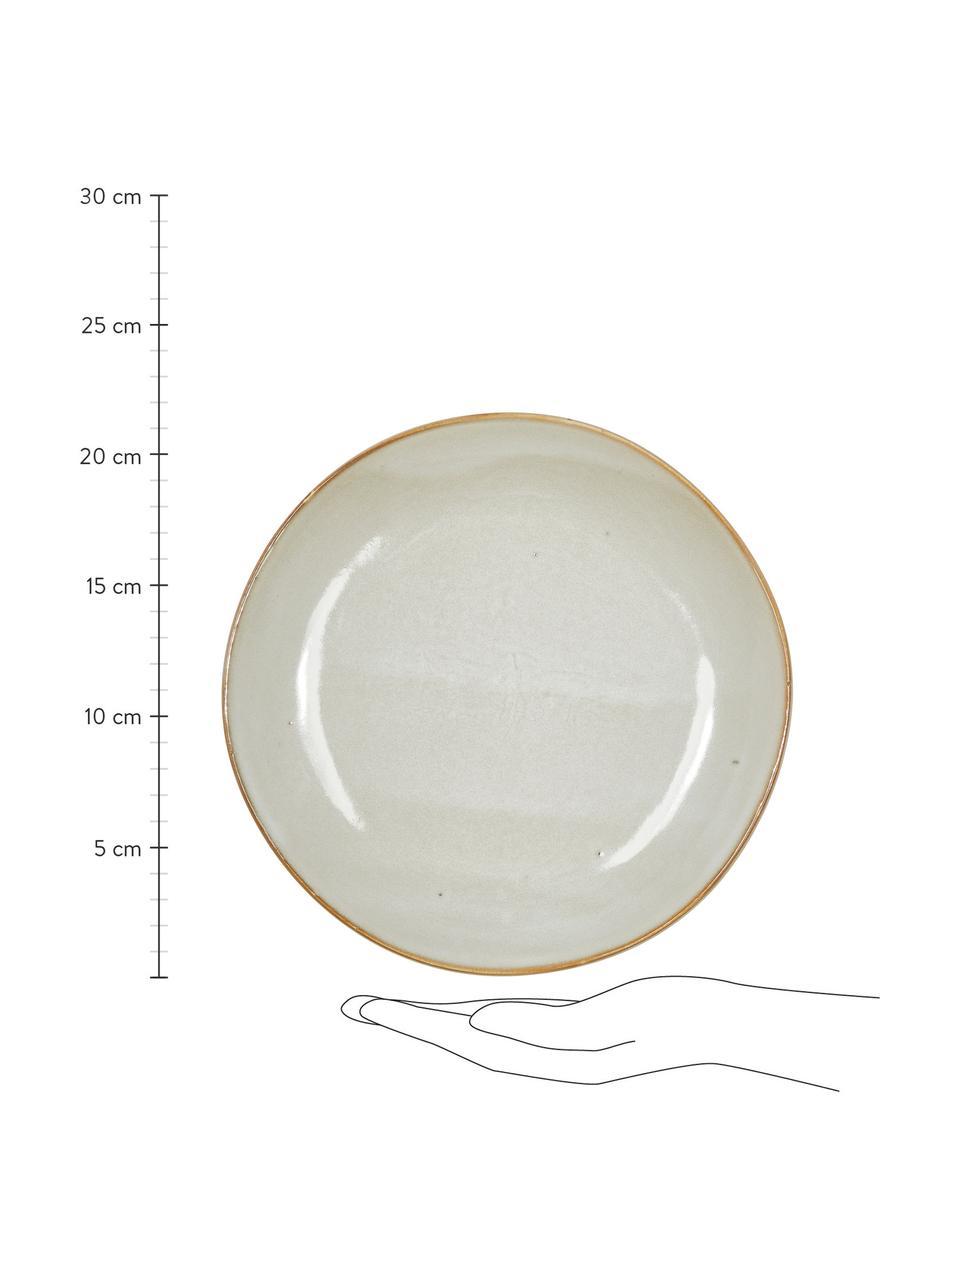 Piattino da dessert fatto a mano Thalia 2 pz, Gres, Crema con bordo scuro, Ø 22 cm